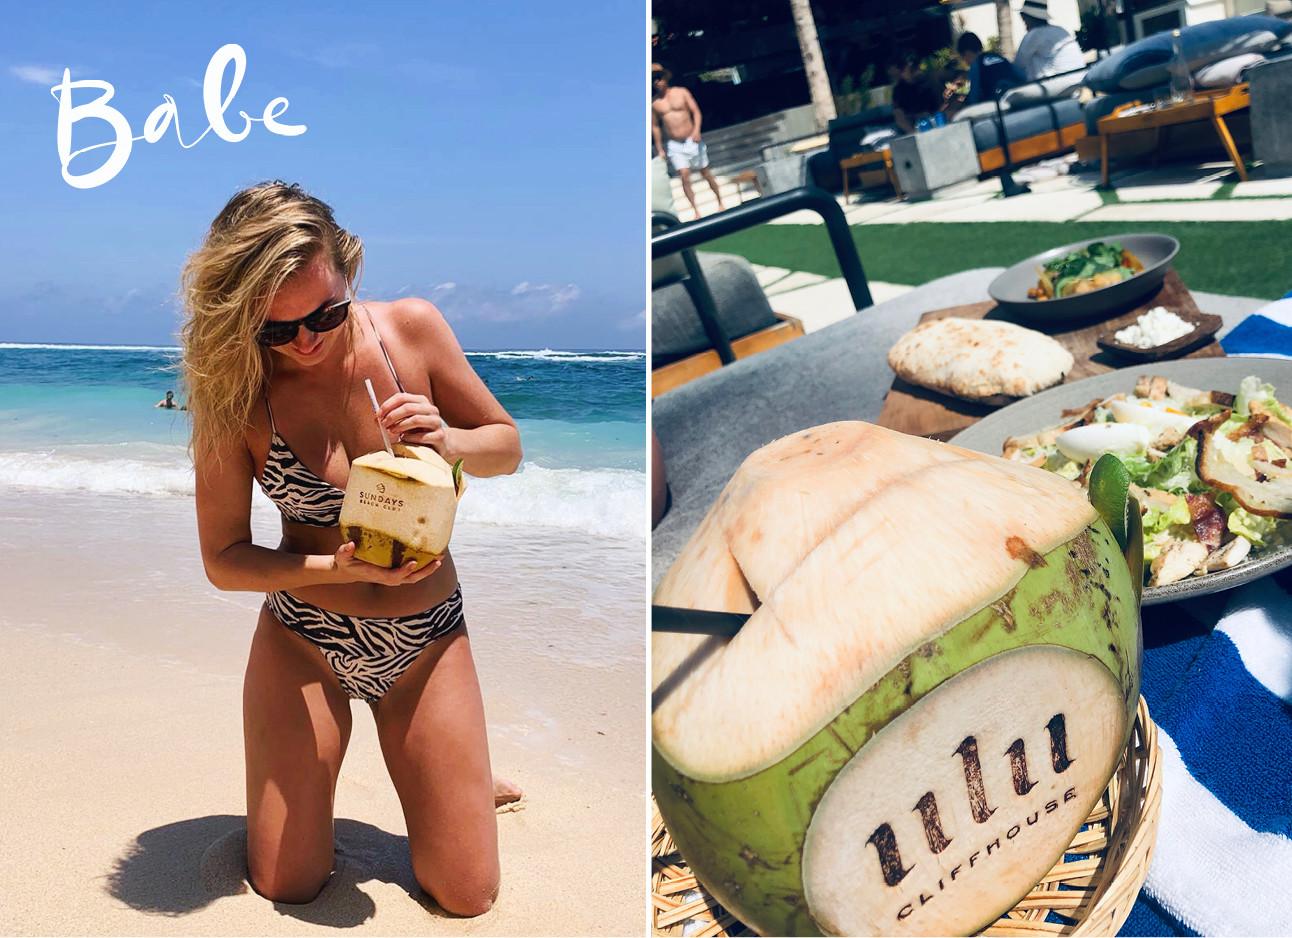 wieke op het strand met een kokosnoot